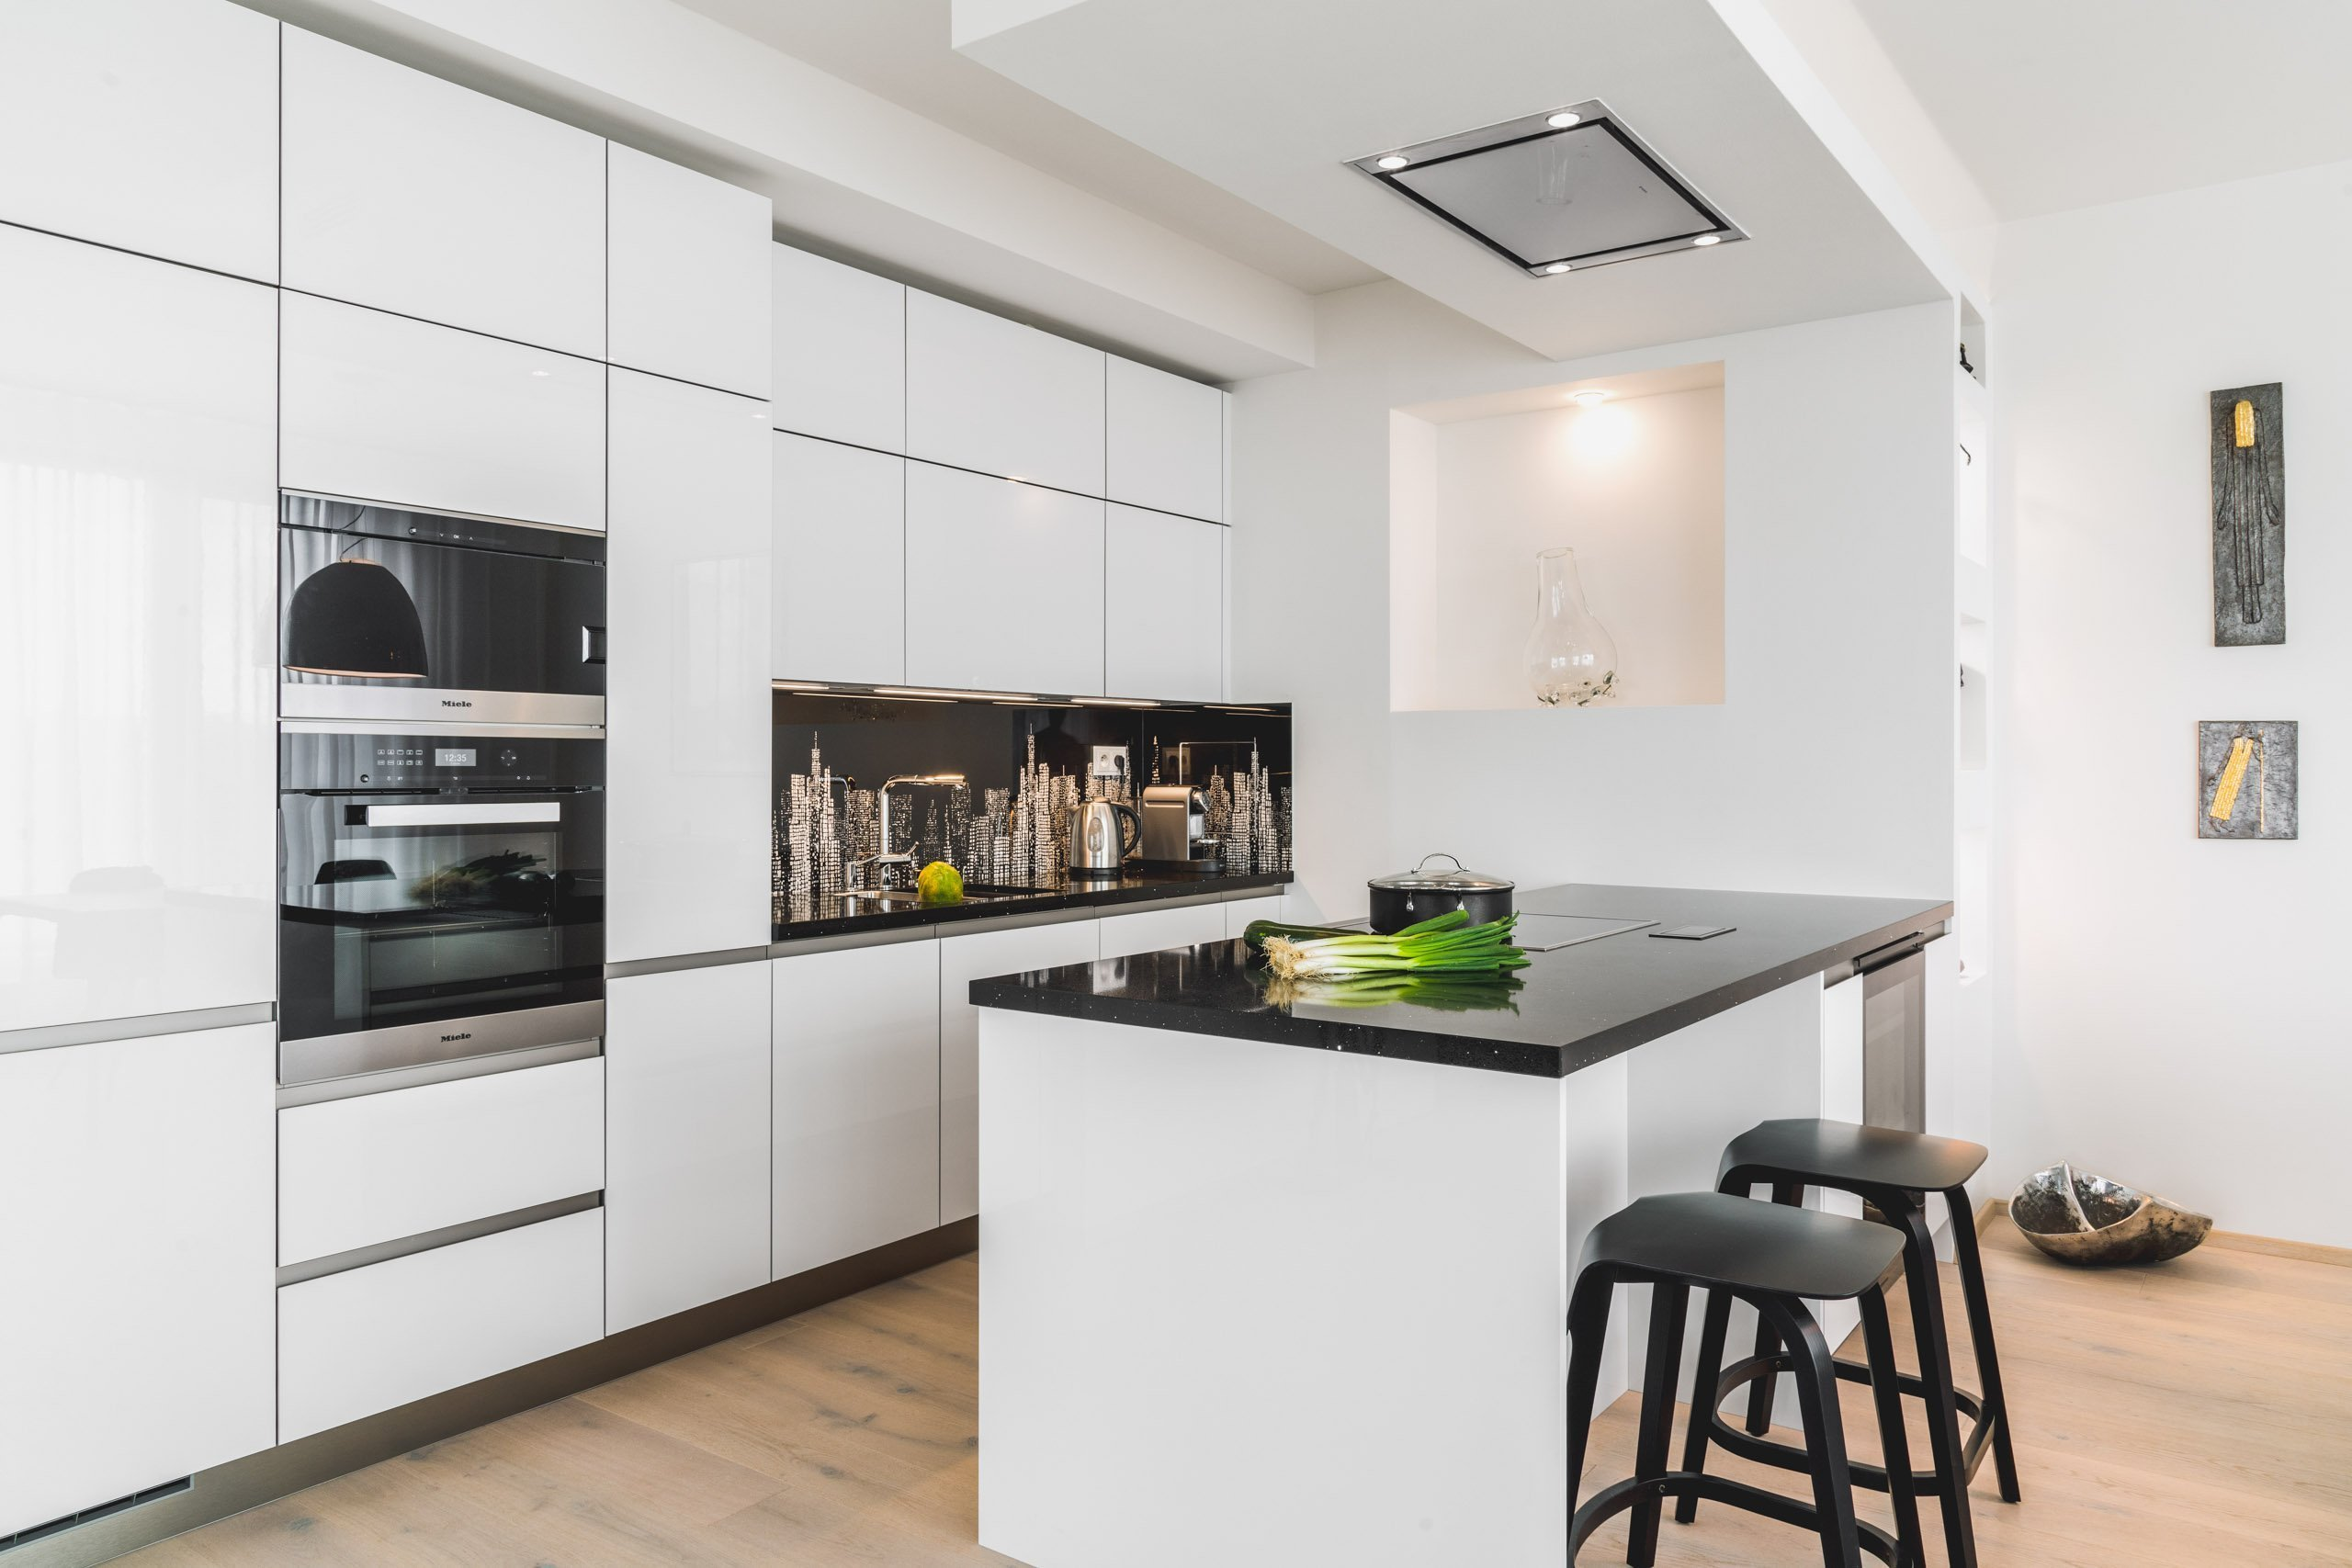 Kuchyně TOP CRYSTAL | WHITE  PRO NEJSVĚTLĚJŠÍ STRÁNKY ŽIVOTA.  Kuchyně je místo, které by nás mělo zásobovat radostí a ukojovat náš hlad po nových…